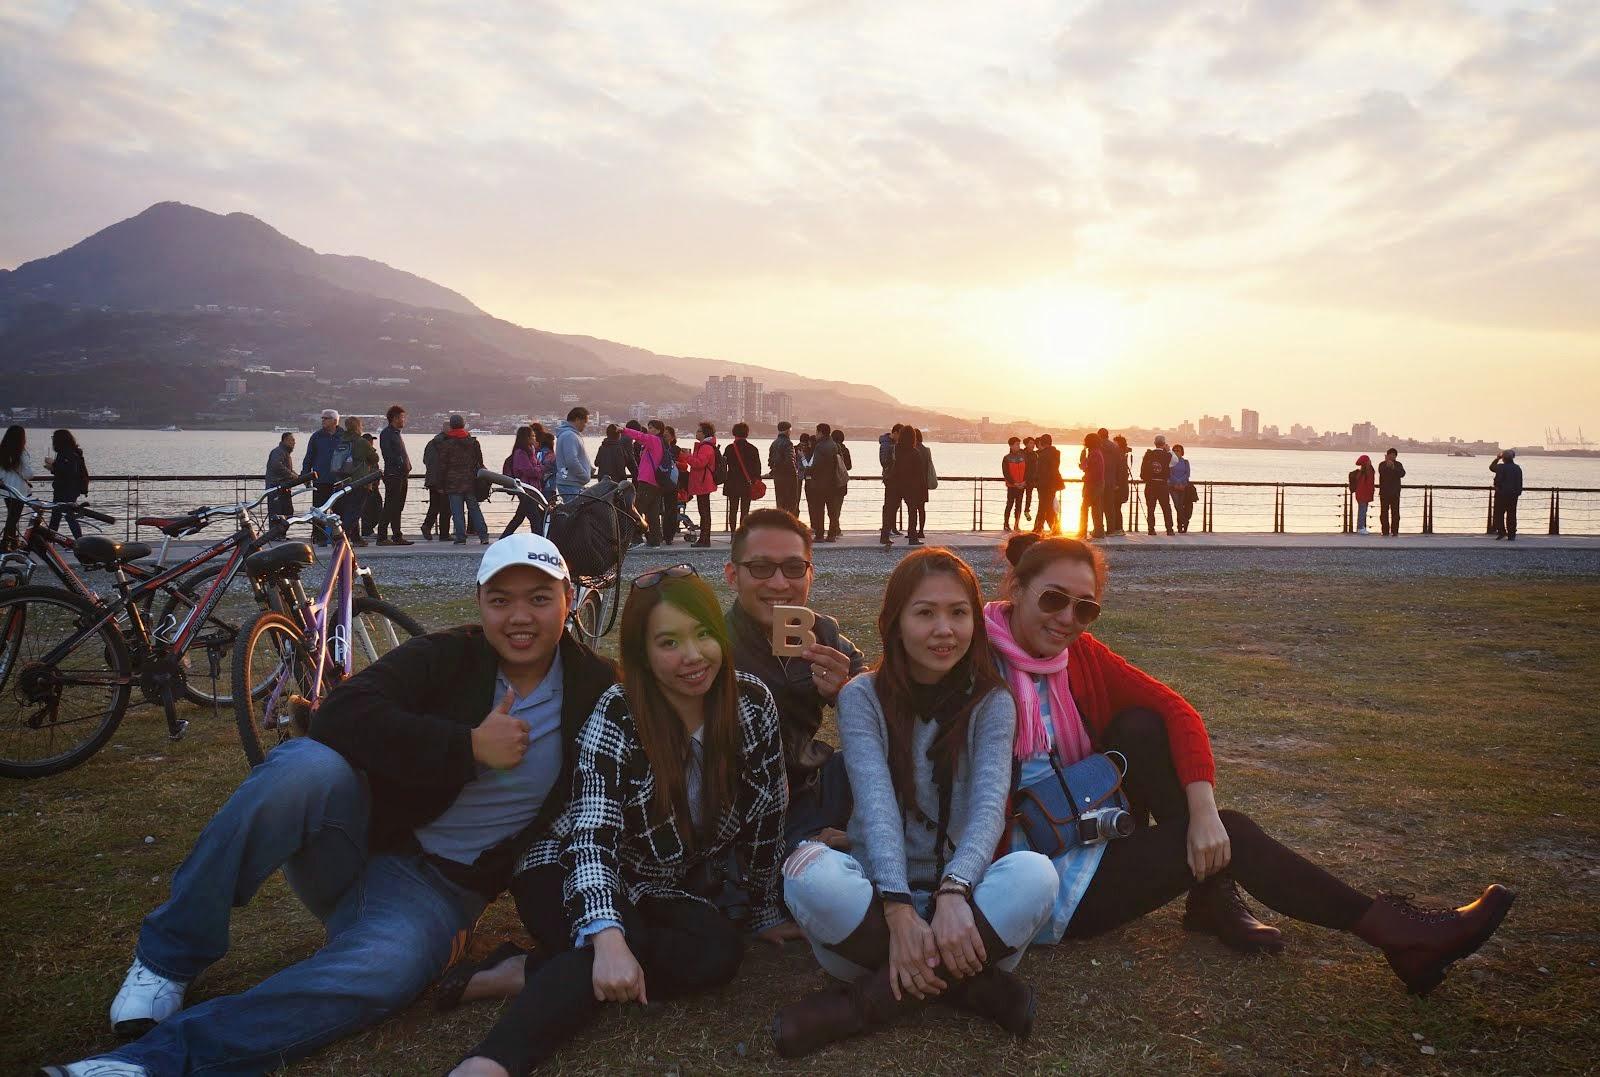 臺灣 Taiwan